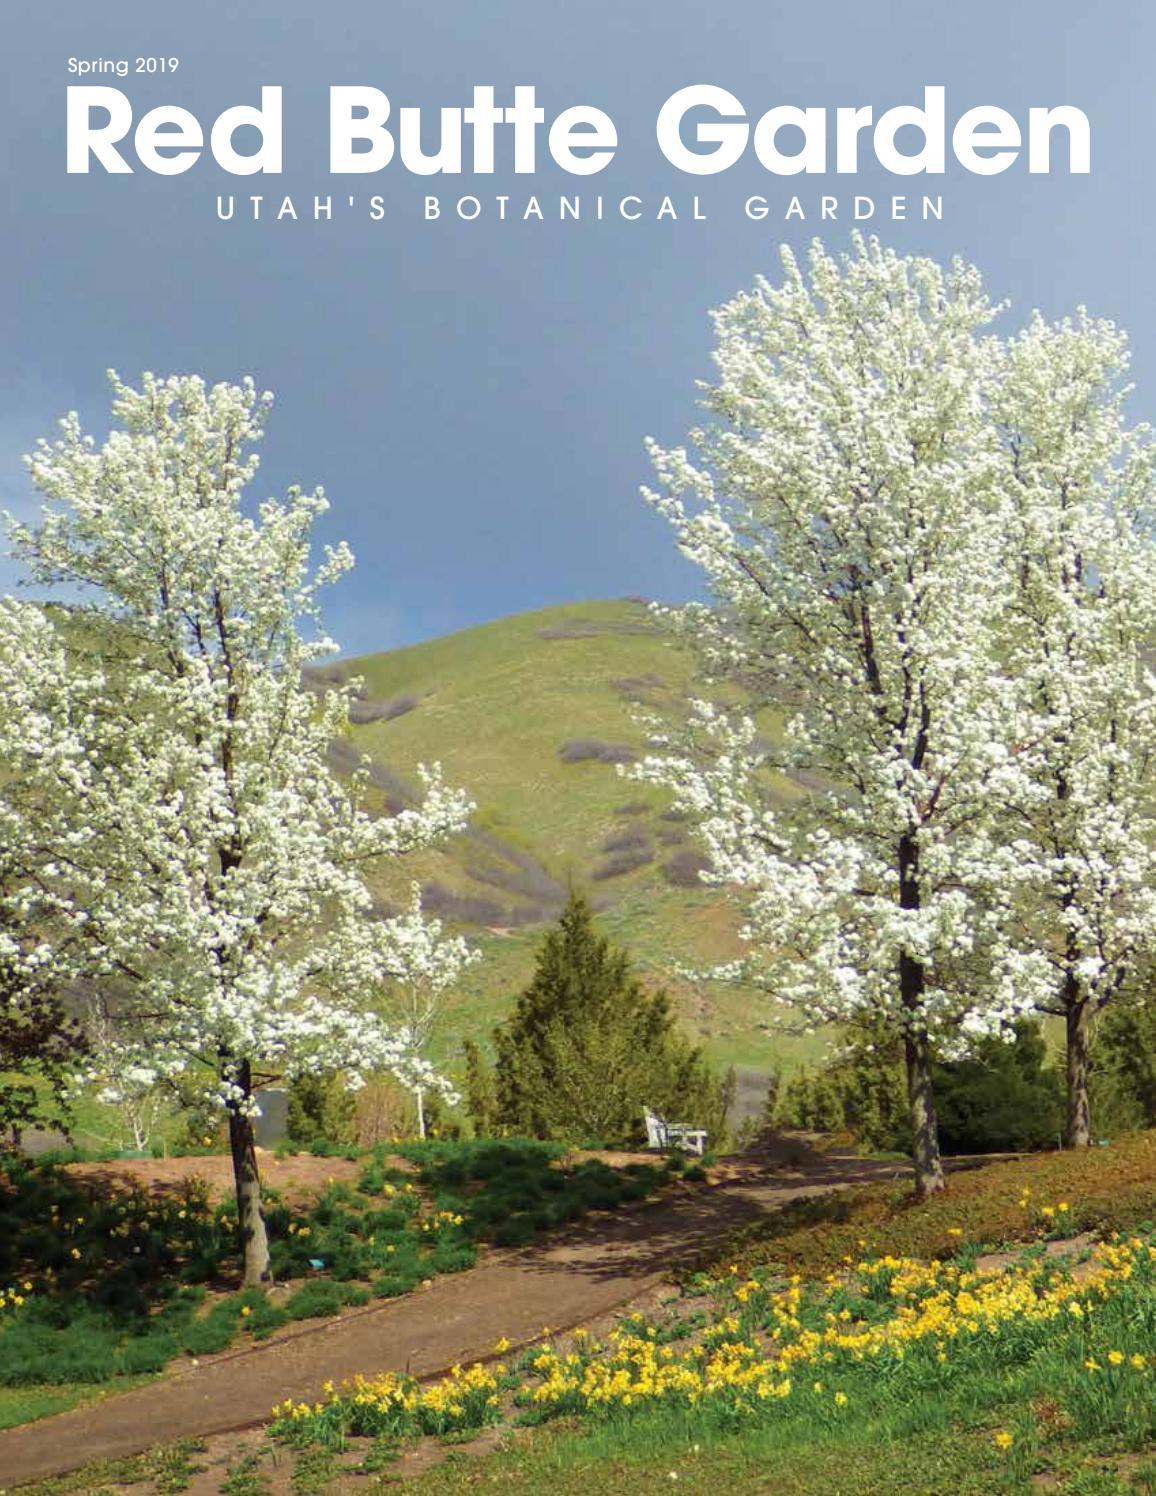 Red Butte Garden Newsletter Spring 2019 By Red Butte Garden Issuu